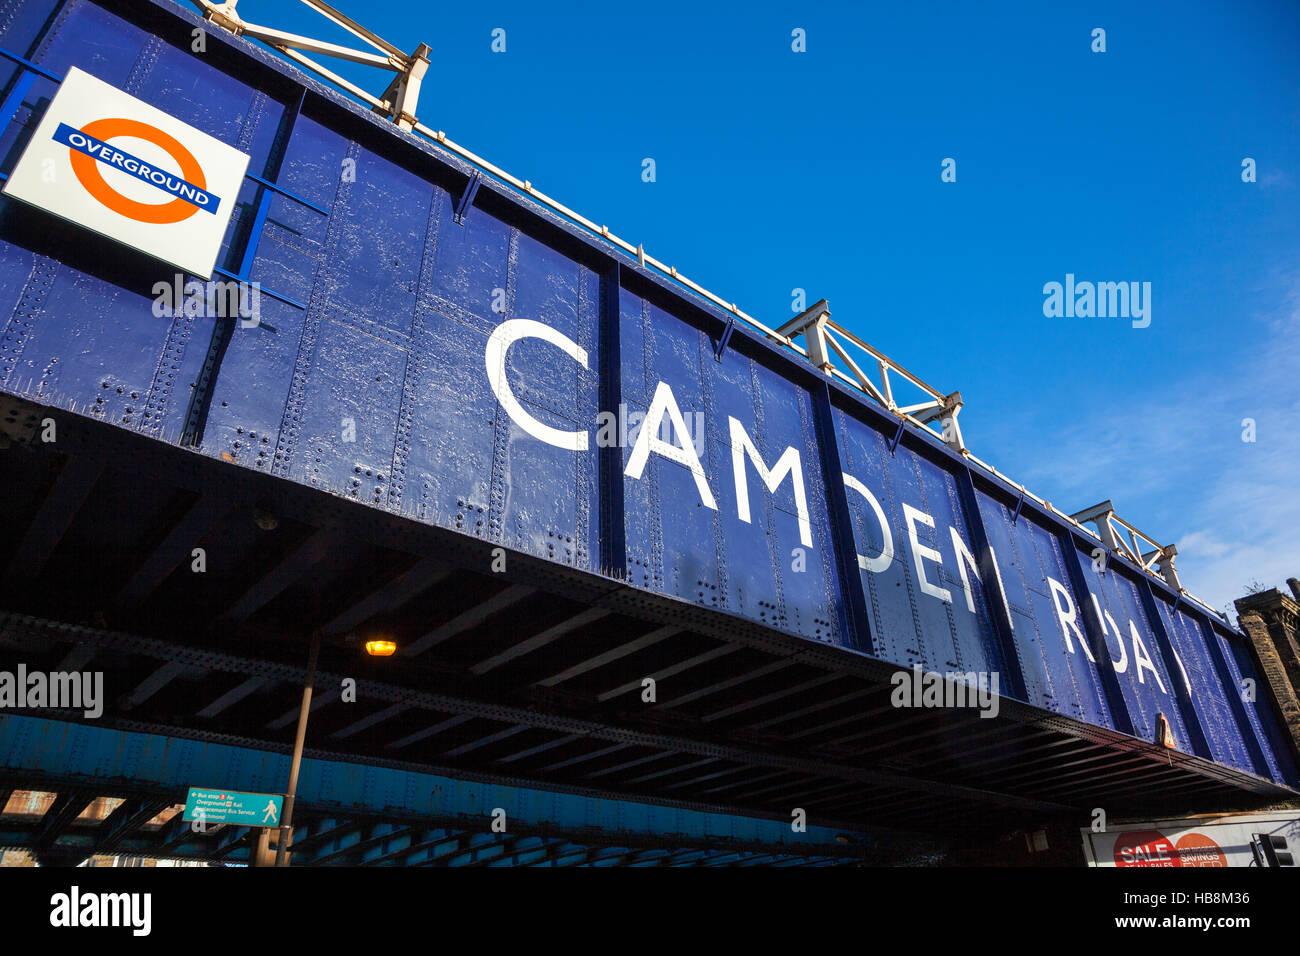 Camden Road Overground Station, London, UK - Stock Image